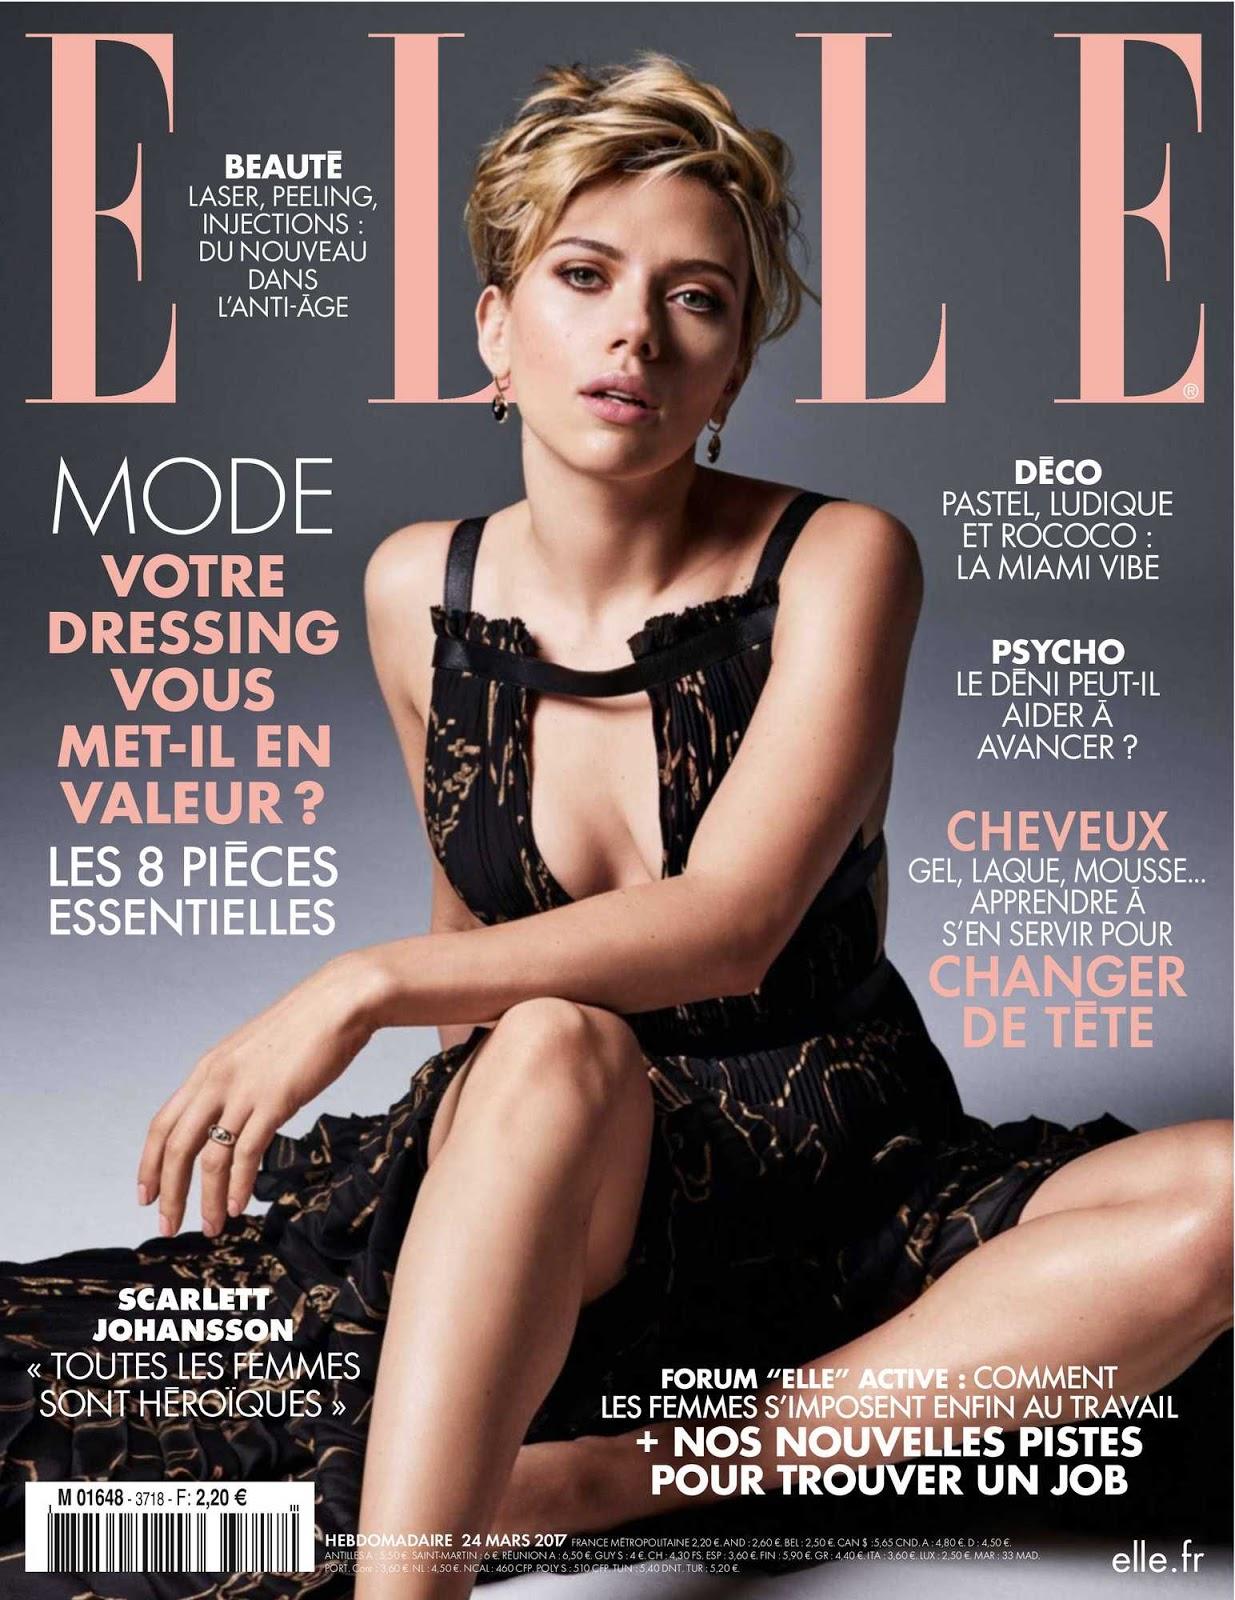 2017 Scarlett Johansson Hot